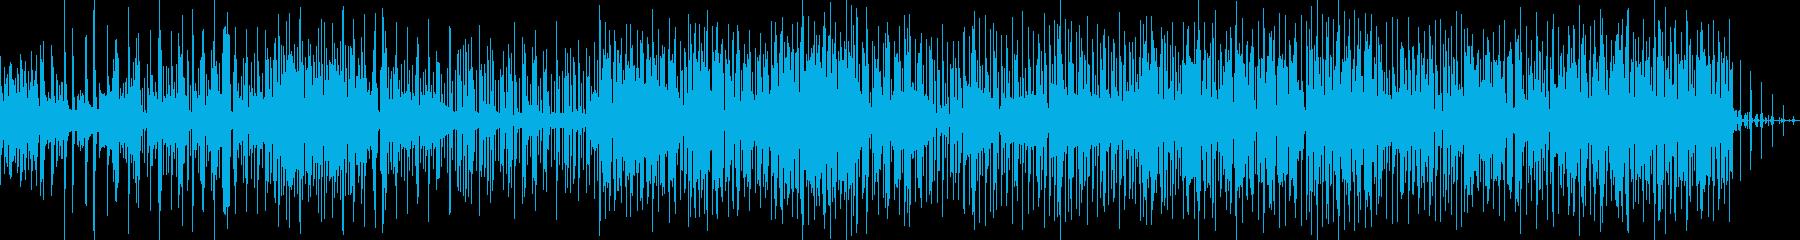 シンセリードがメインのポップスソングの再生済みの波形